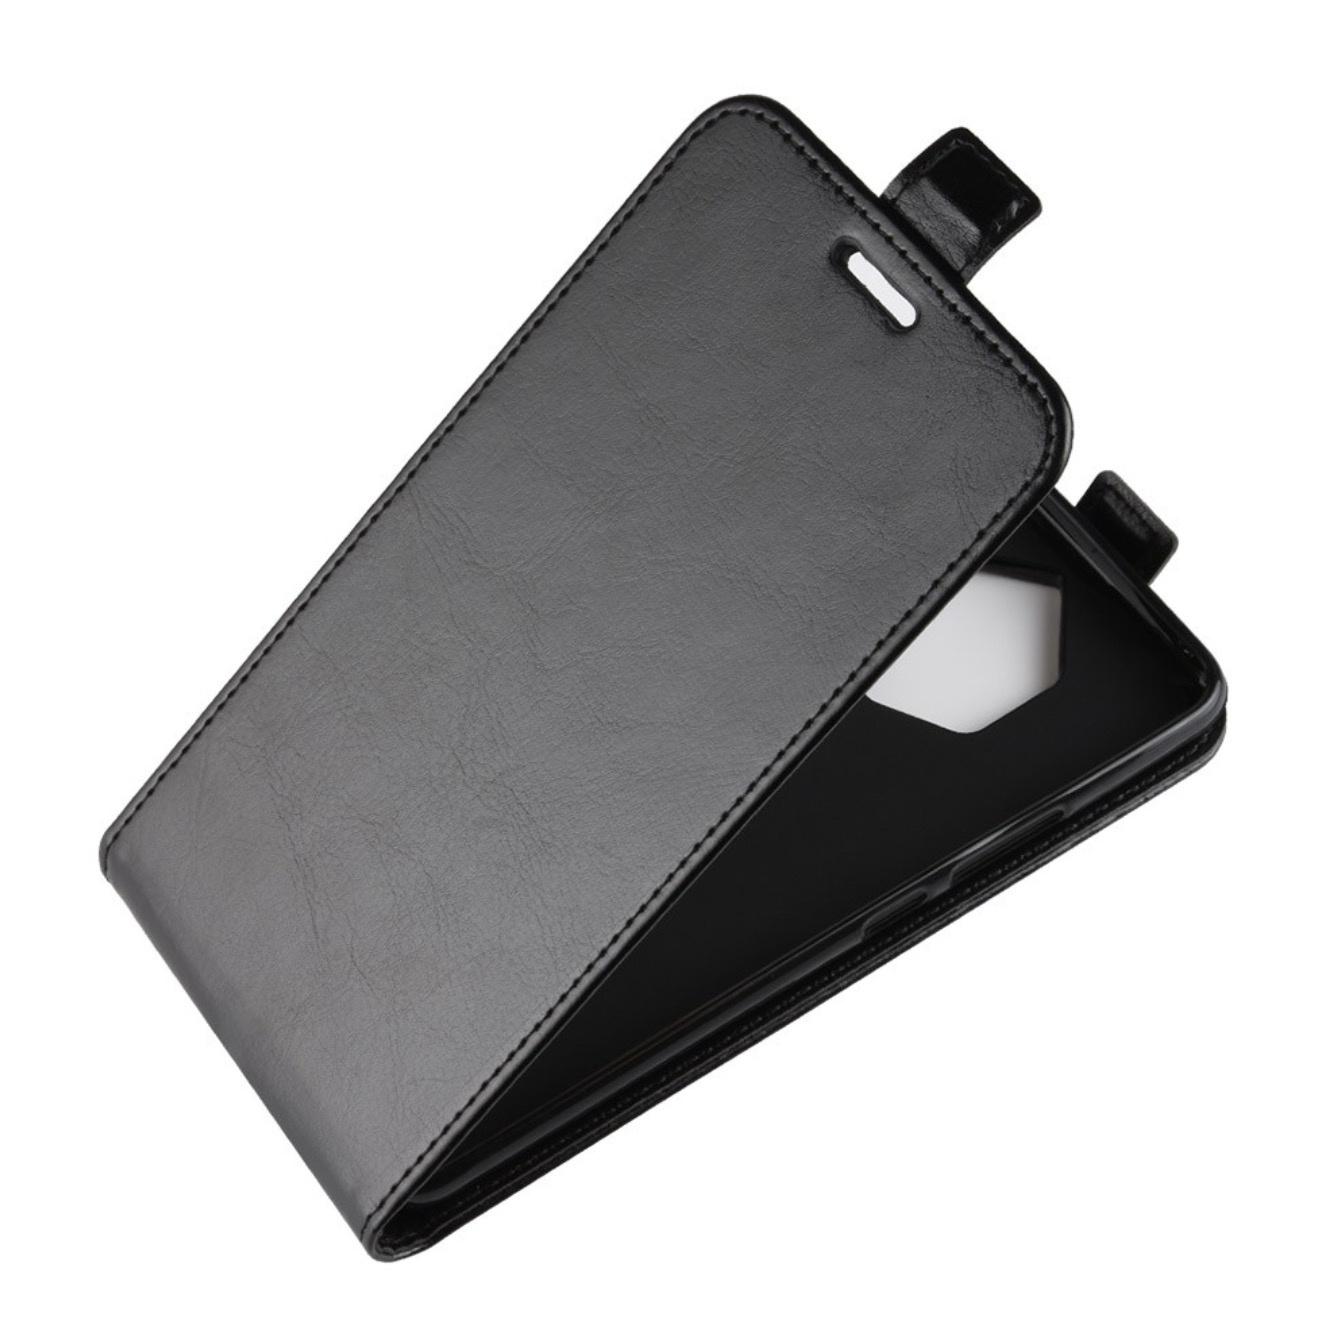 Чехол-флип MyPads для Nokia X2 Dual sim вертикальный откидной черный